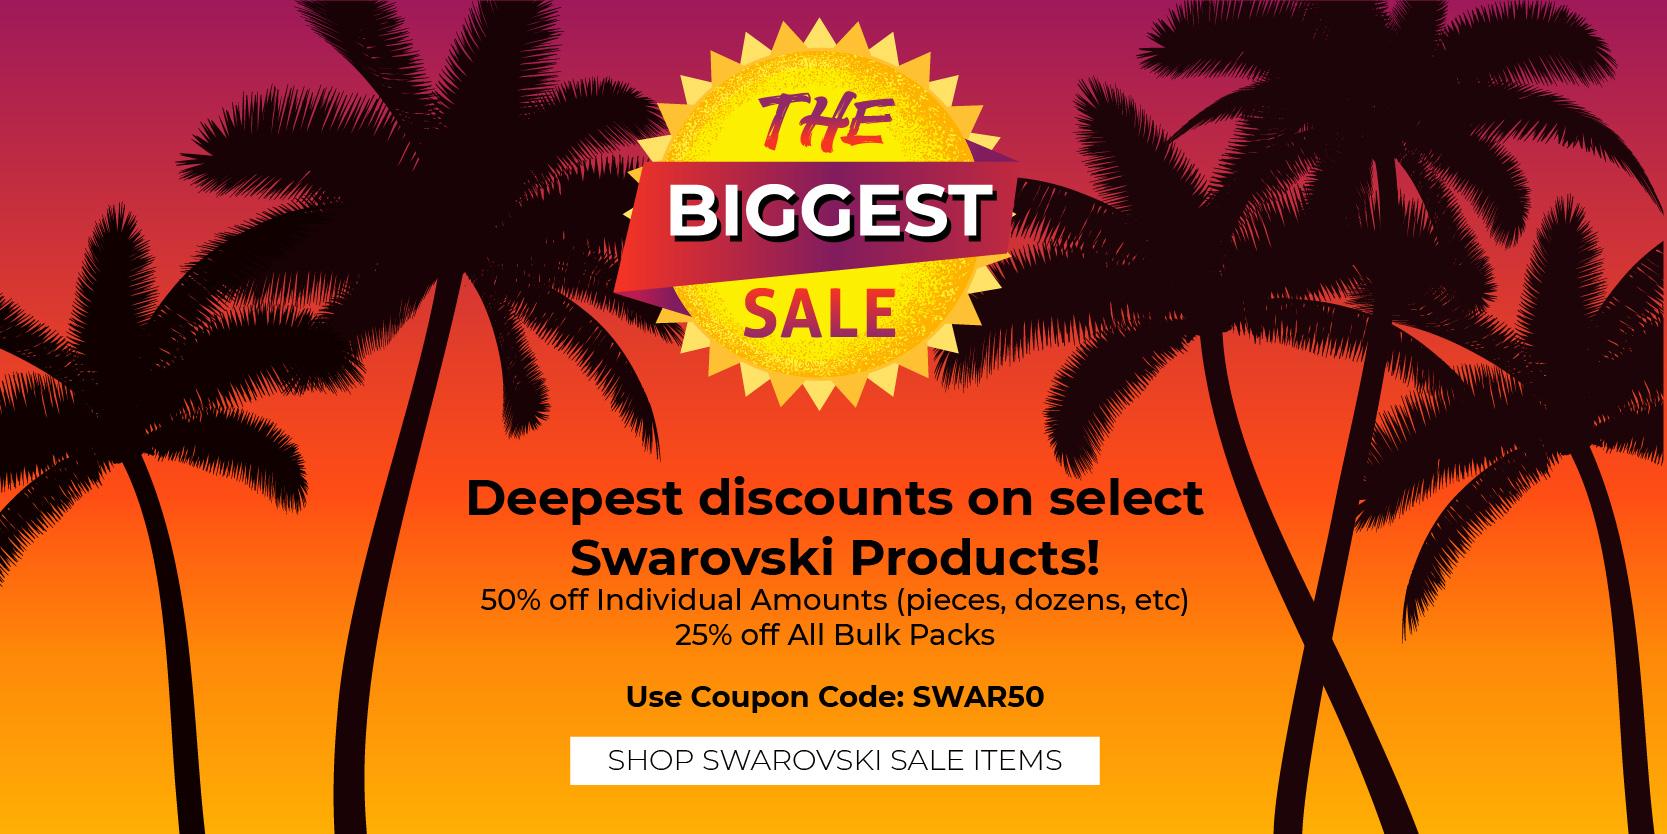 Swarovski - Biggest Sale